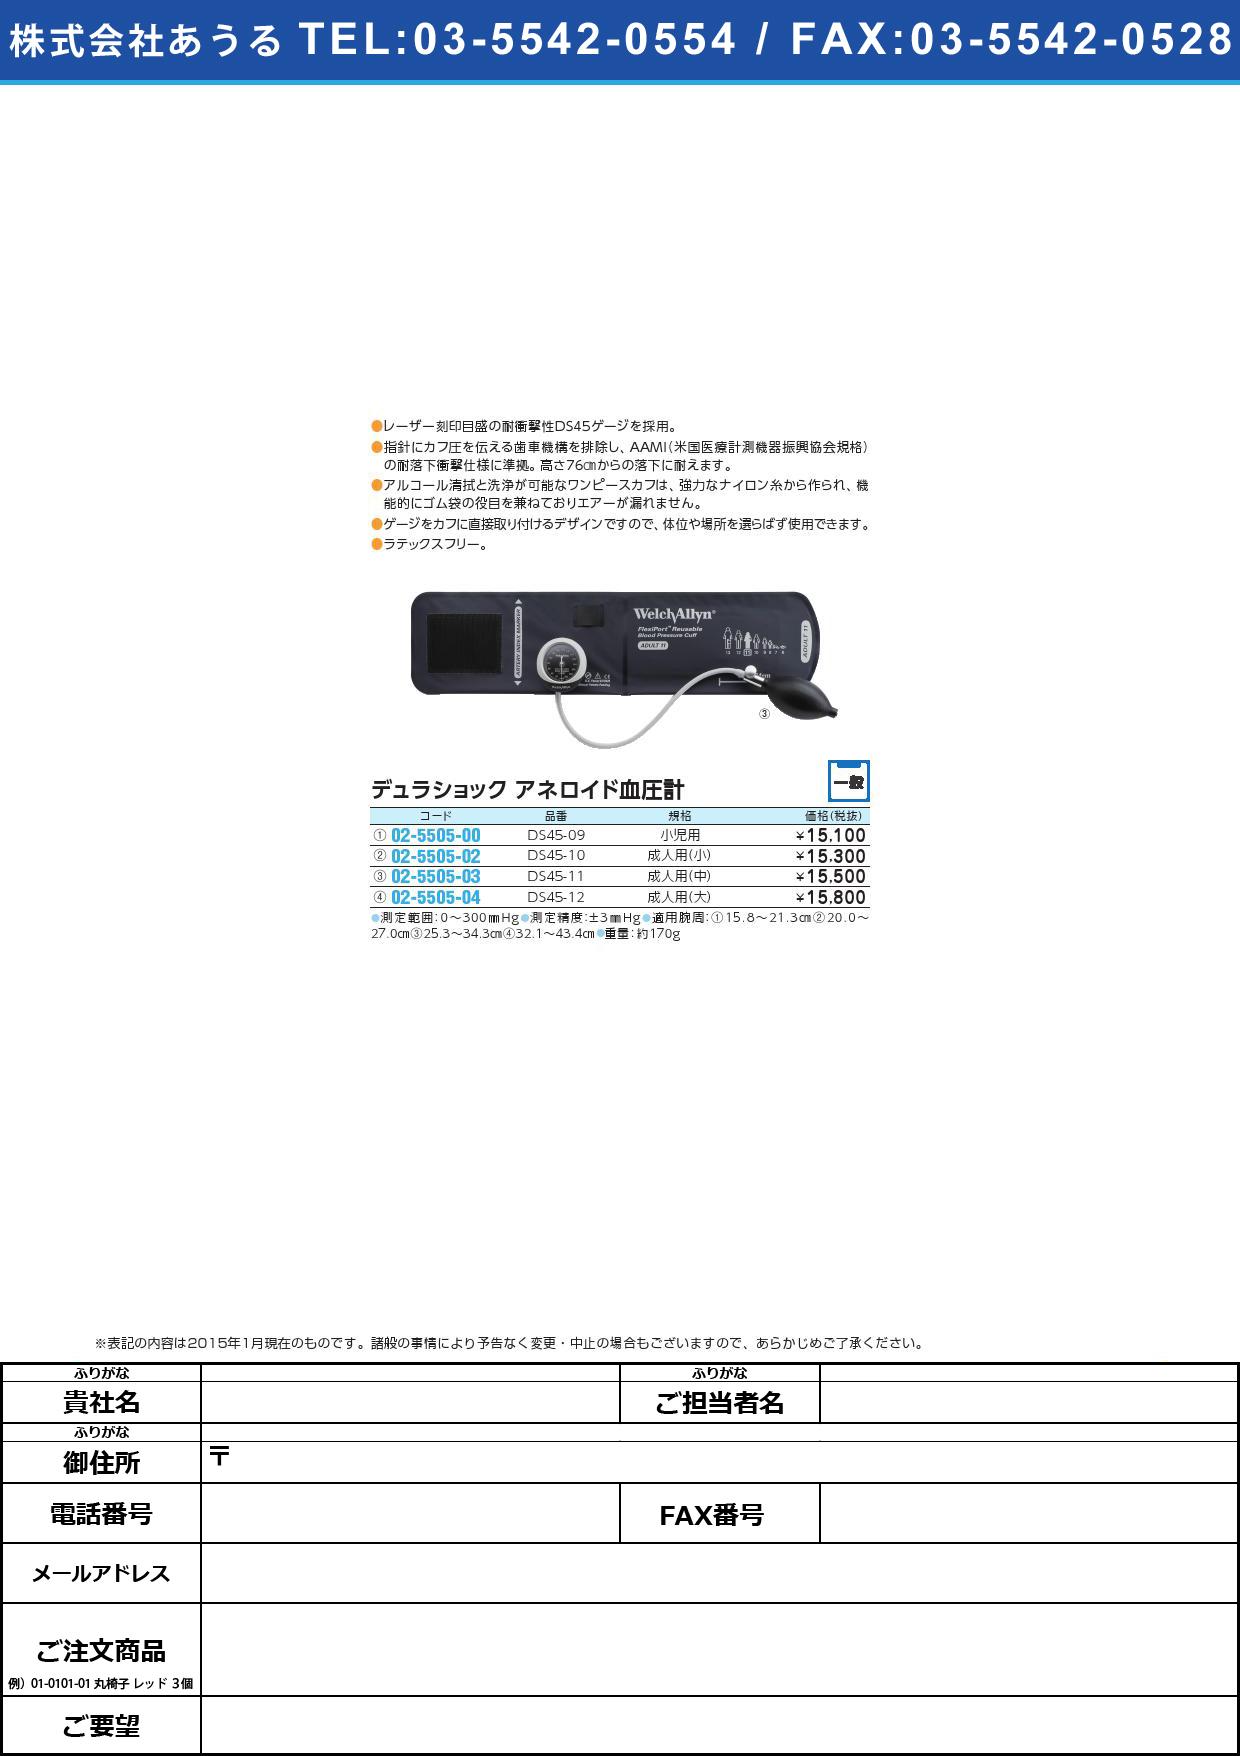 デュラショック 成人用(小) デュラショックセイジンヨウ・ショウ DS45-10【1台単位】(02-5505-02)